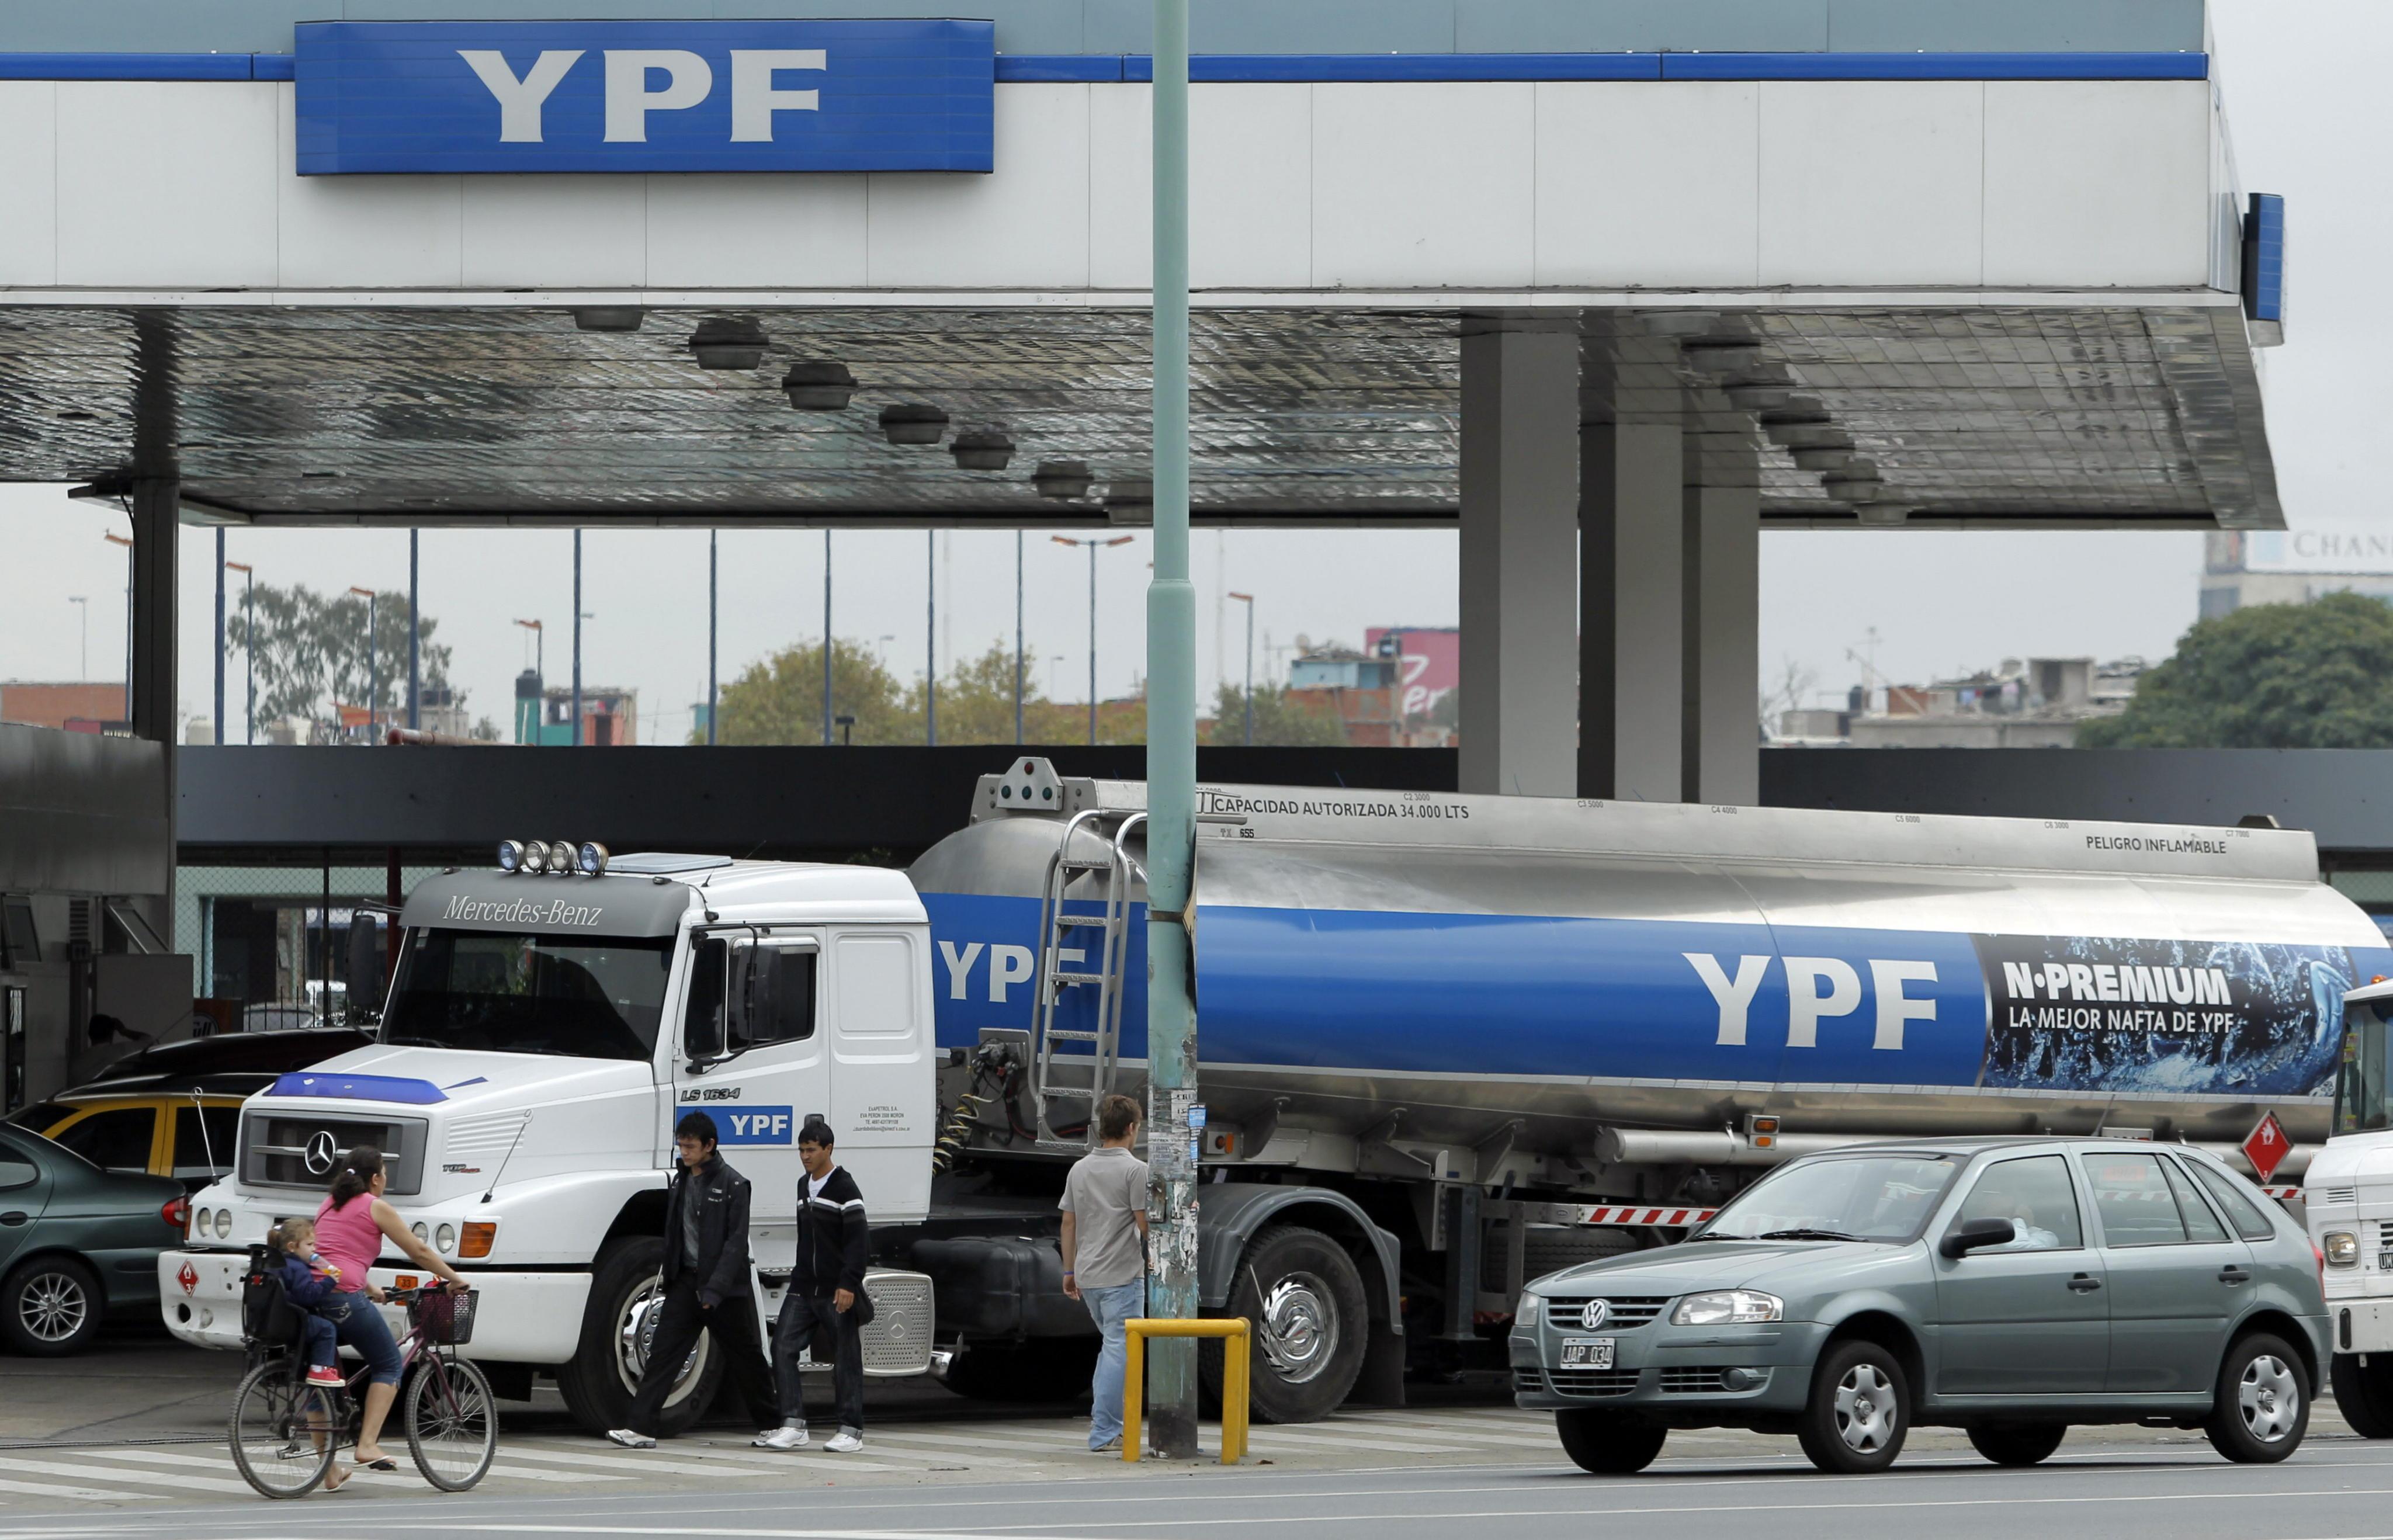 """BAS05. BUENOS AIRES (ARGENTINA), 12/04/2012 - Varias personas pasan hoy, jueves 12 de abril de 2012, frente a un camión cisterna de la petrolera YPF, en Buenos Aires. El ministro español de Industria, Energía y Turismo, José Manuel Soria, afirmó hoy que cualquier """"gesto de hostilidad"""" contra empresas de su país será interpretado como un gesto """"hacia España"""" y """"trae consigo consecuencias"""", en una aparente alusión al Gobierno argentino por el conflicto con YPF. Soria no citó en ningún momento al Gobierno argentino, que ha convocado para hoy a los gobernadores de las provincias petroleras para tratar sobre la situación de la compañía YPF, controlada por la española Repsol. EFE/Leo La Valle"""